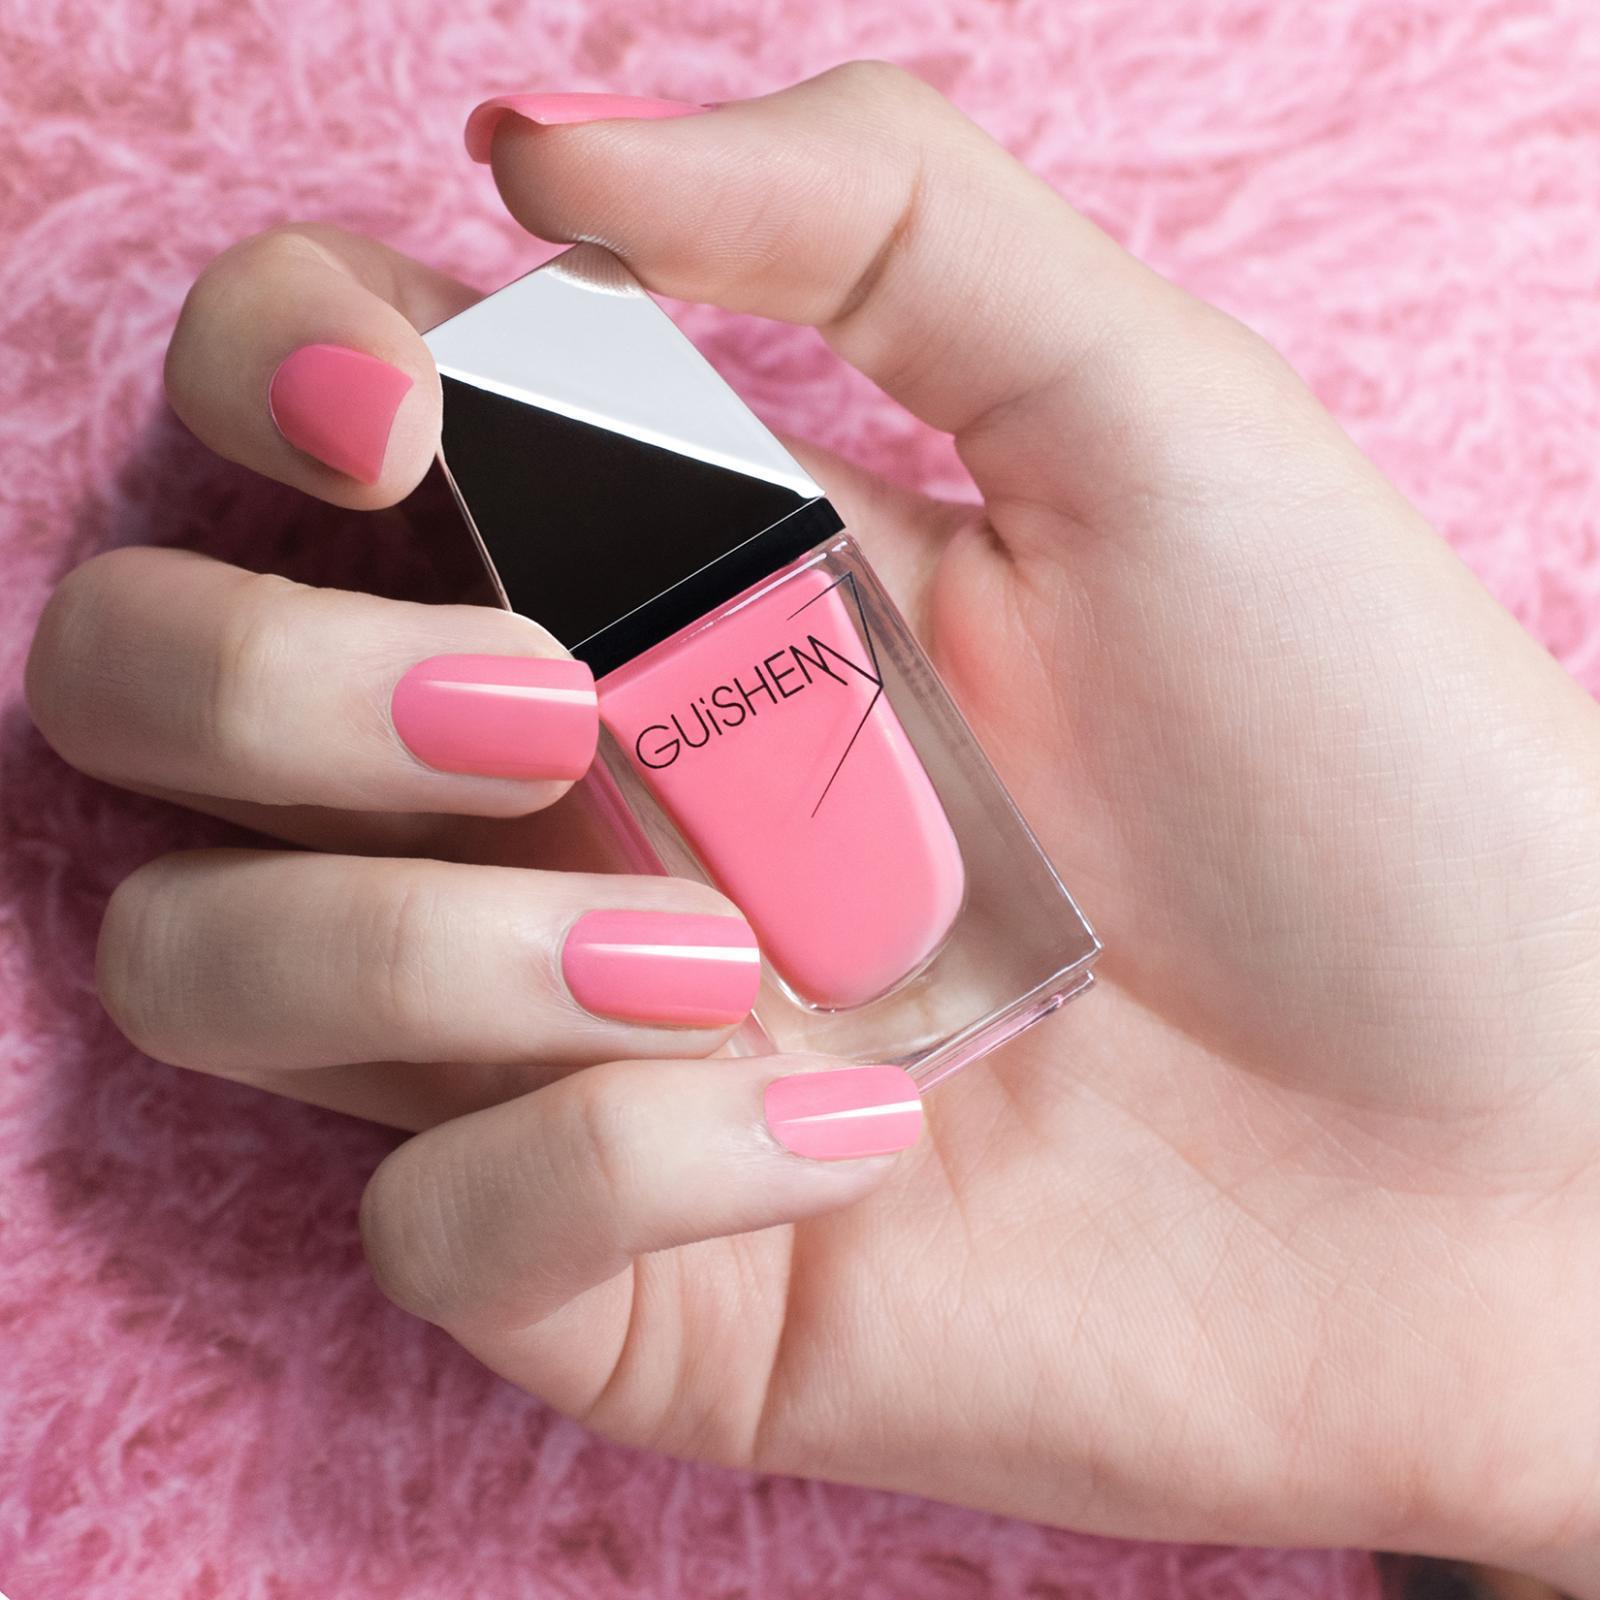 GUiSHEM Premium Nail Lacquer Shimmer Bubble Gum Pink,  Paris Pink - 031